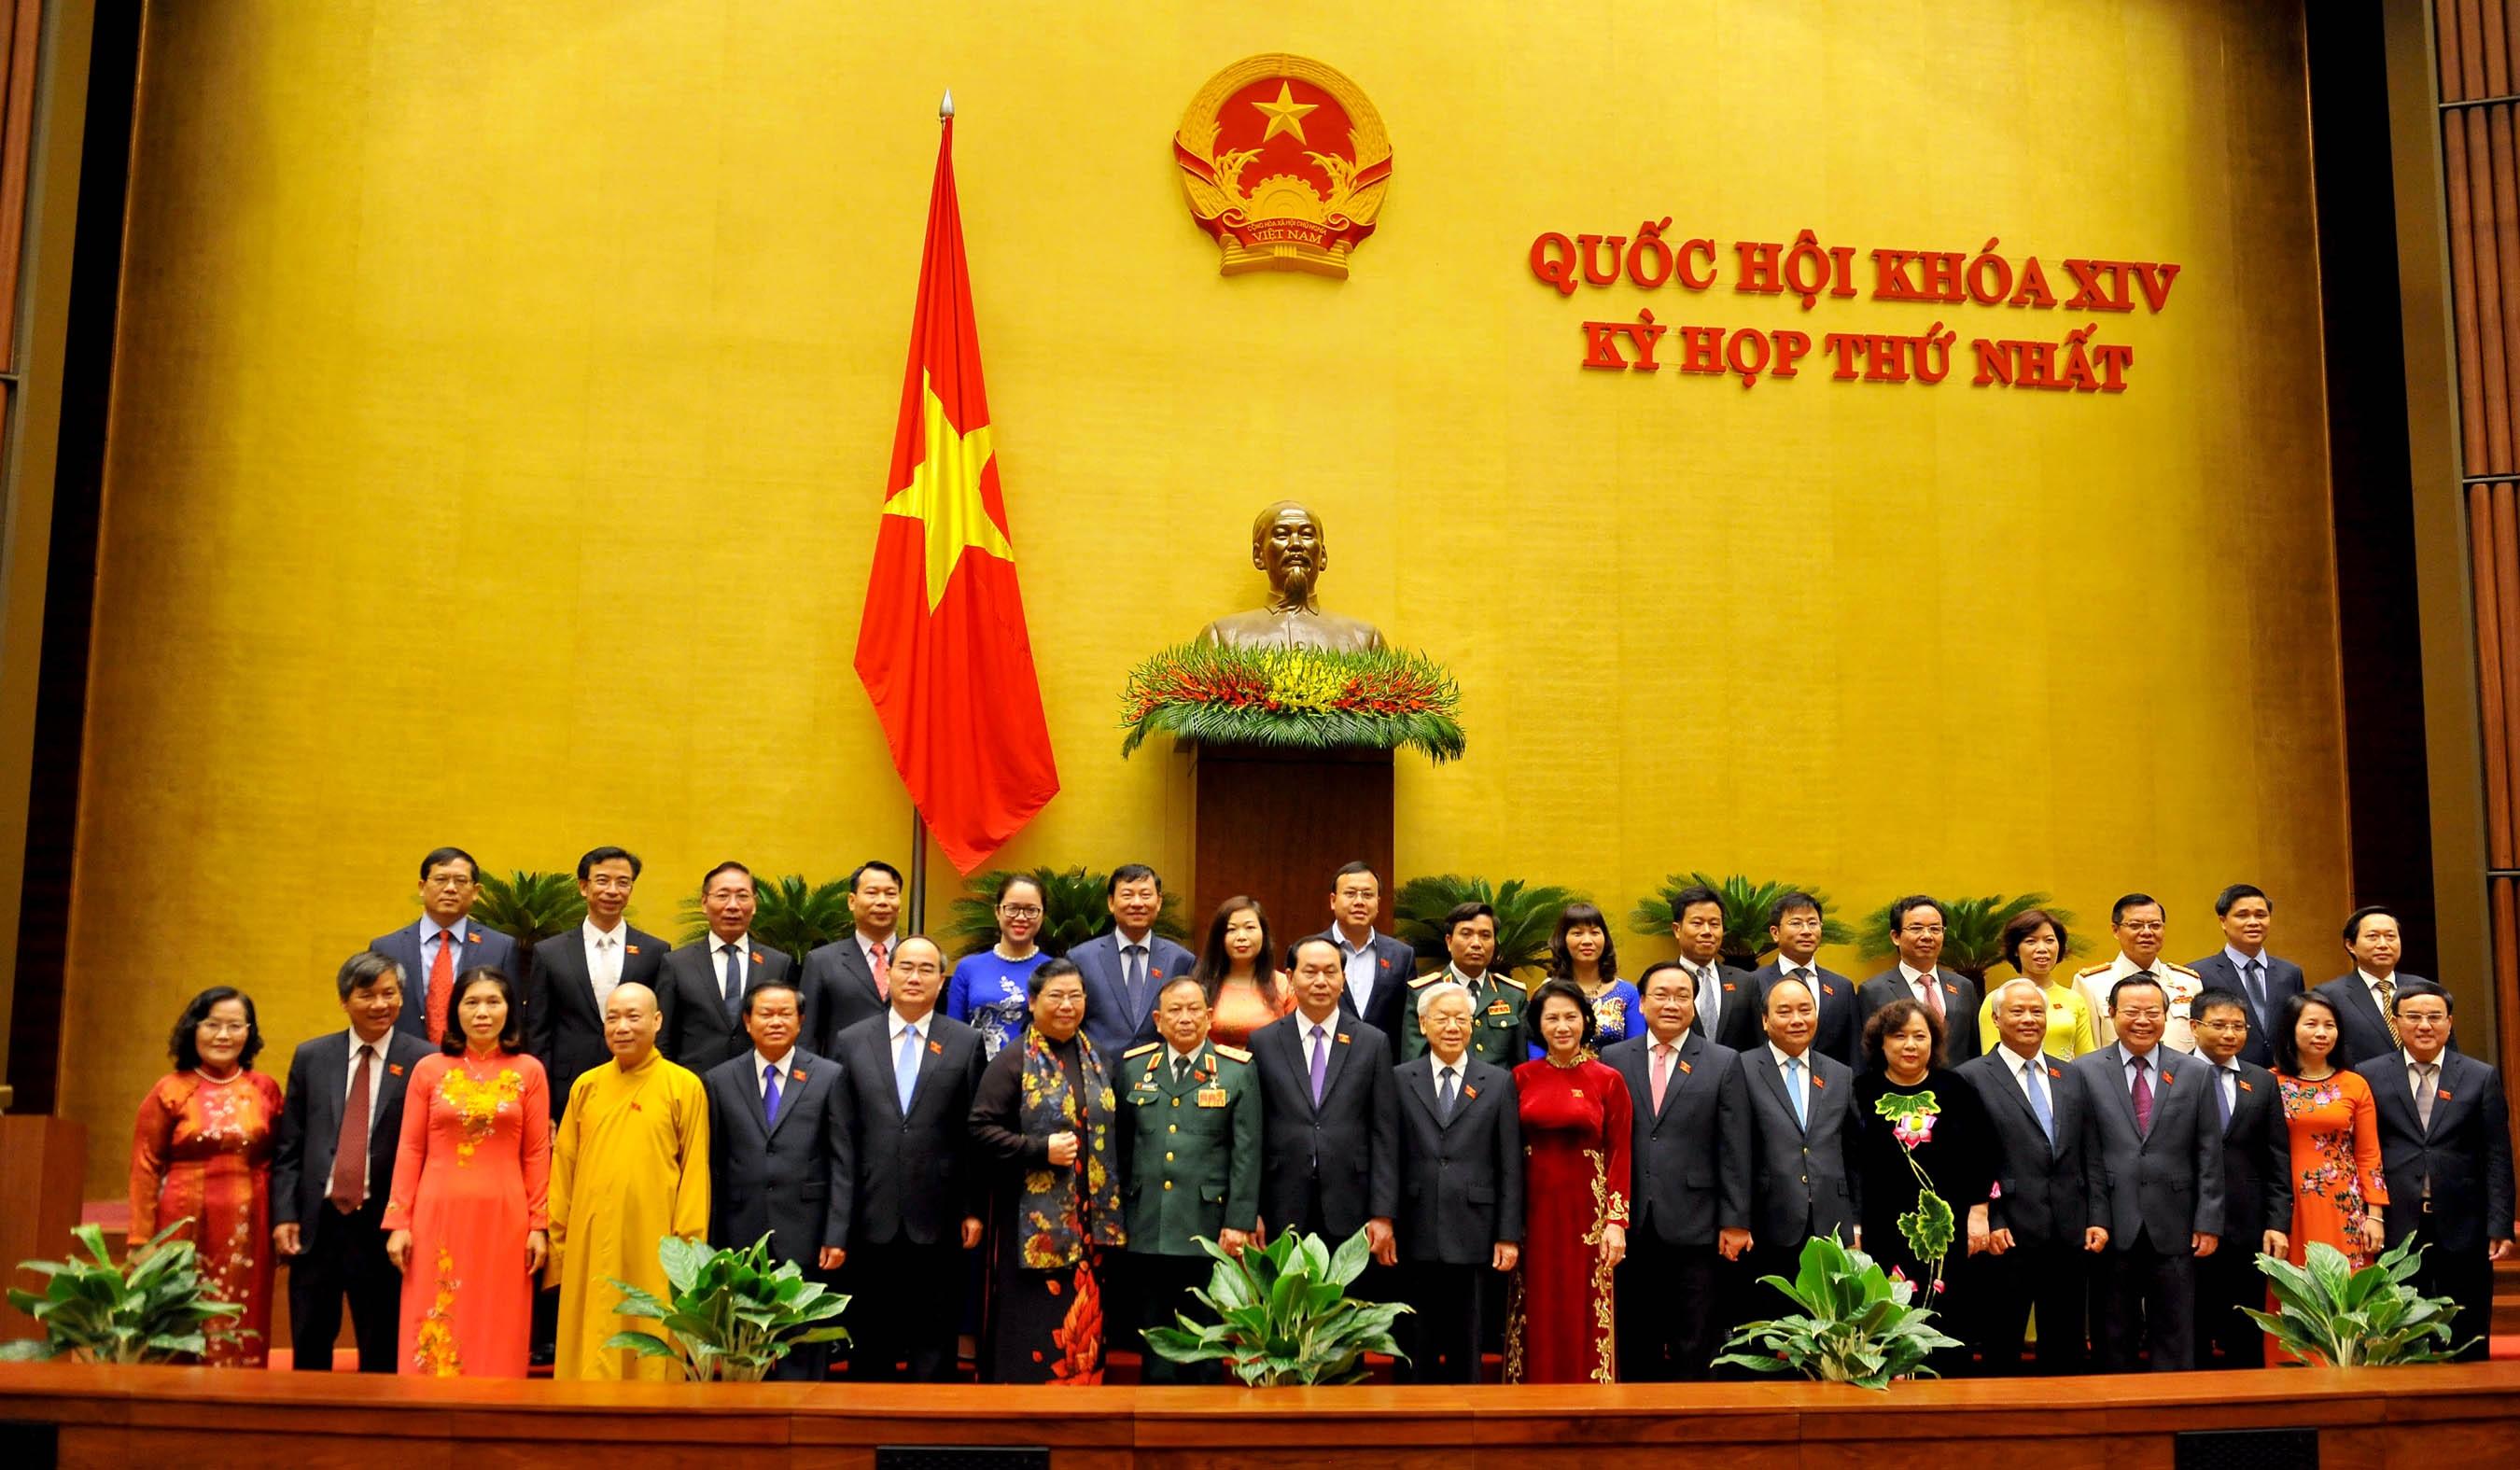 Lãnh đạo Đảng, Nhà nước chụp ảnh kỷ niệm với đoàn đại biểu Hà Nội. (Ảnh: H.L)